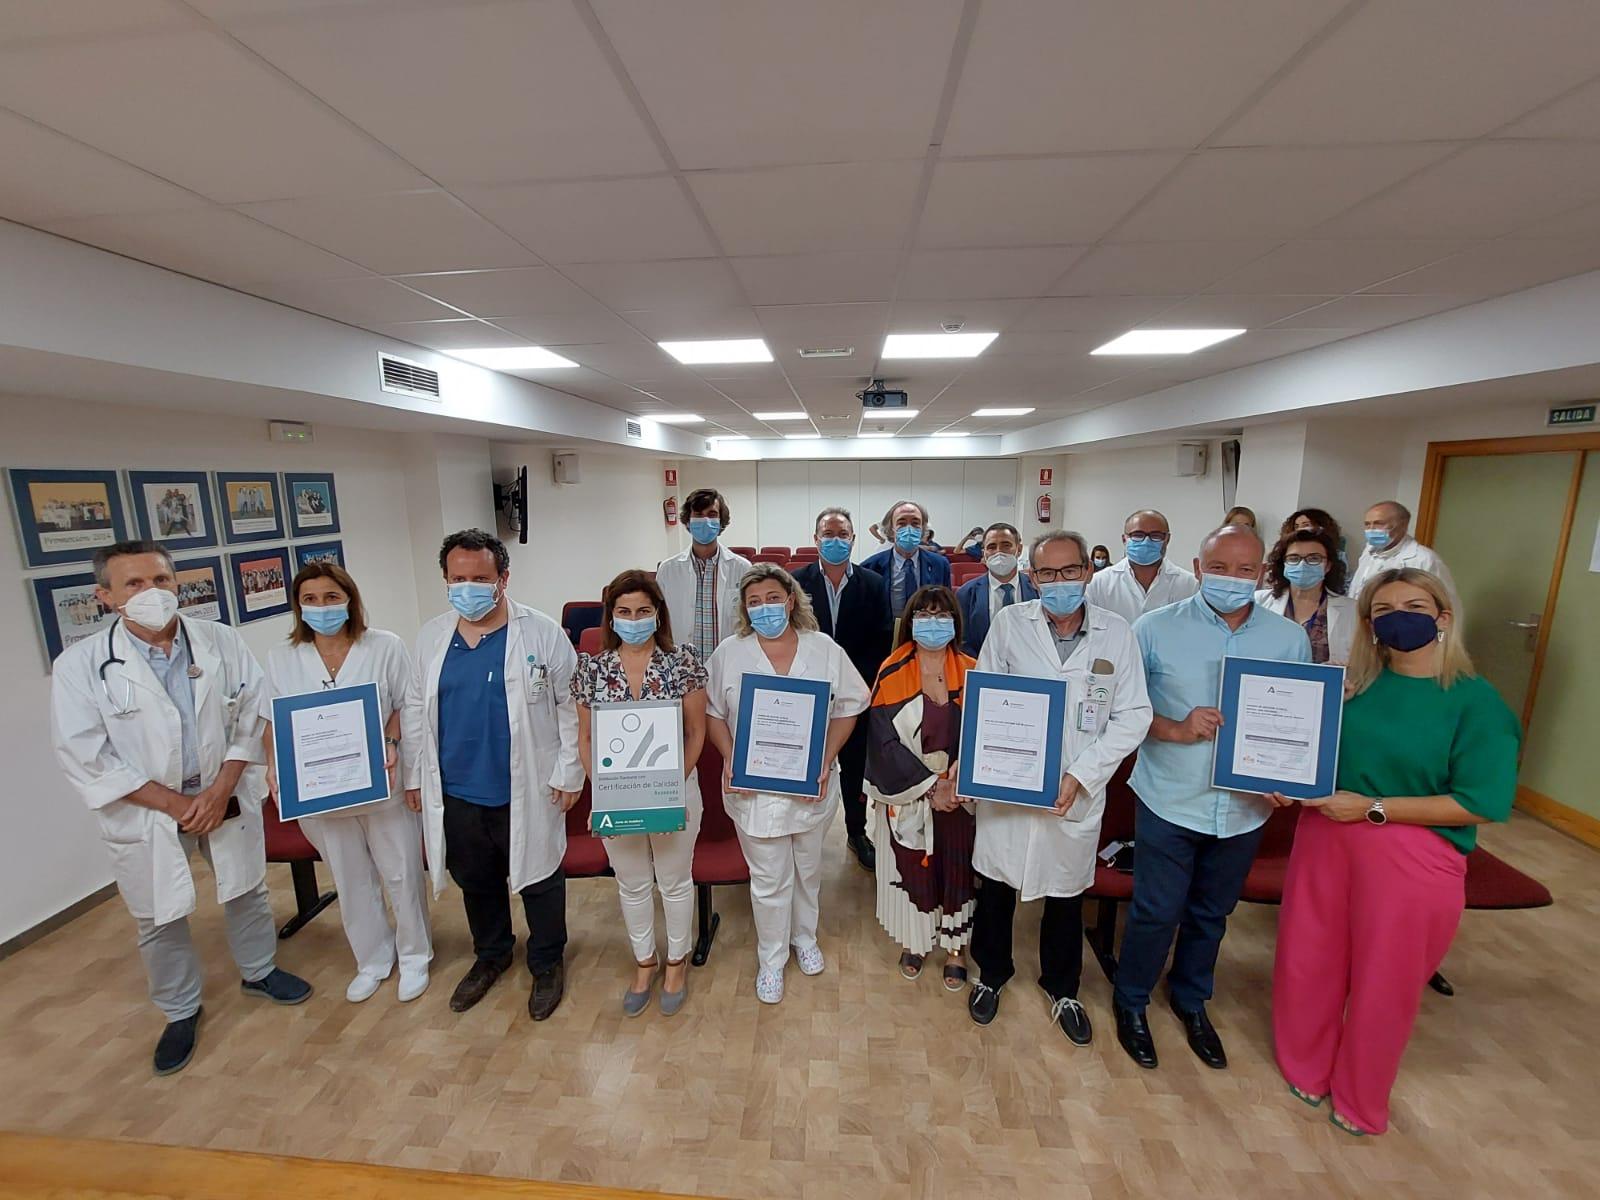 El Área de Gestión Sanitaria Sur de Granada recibe la primera certificación de calidad de Andalucía como institución sanitaria